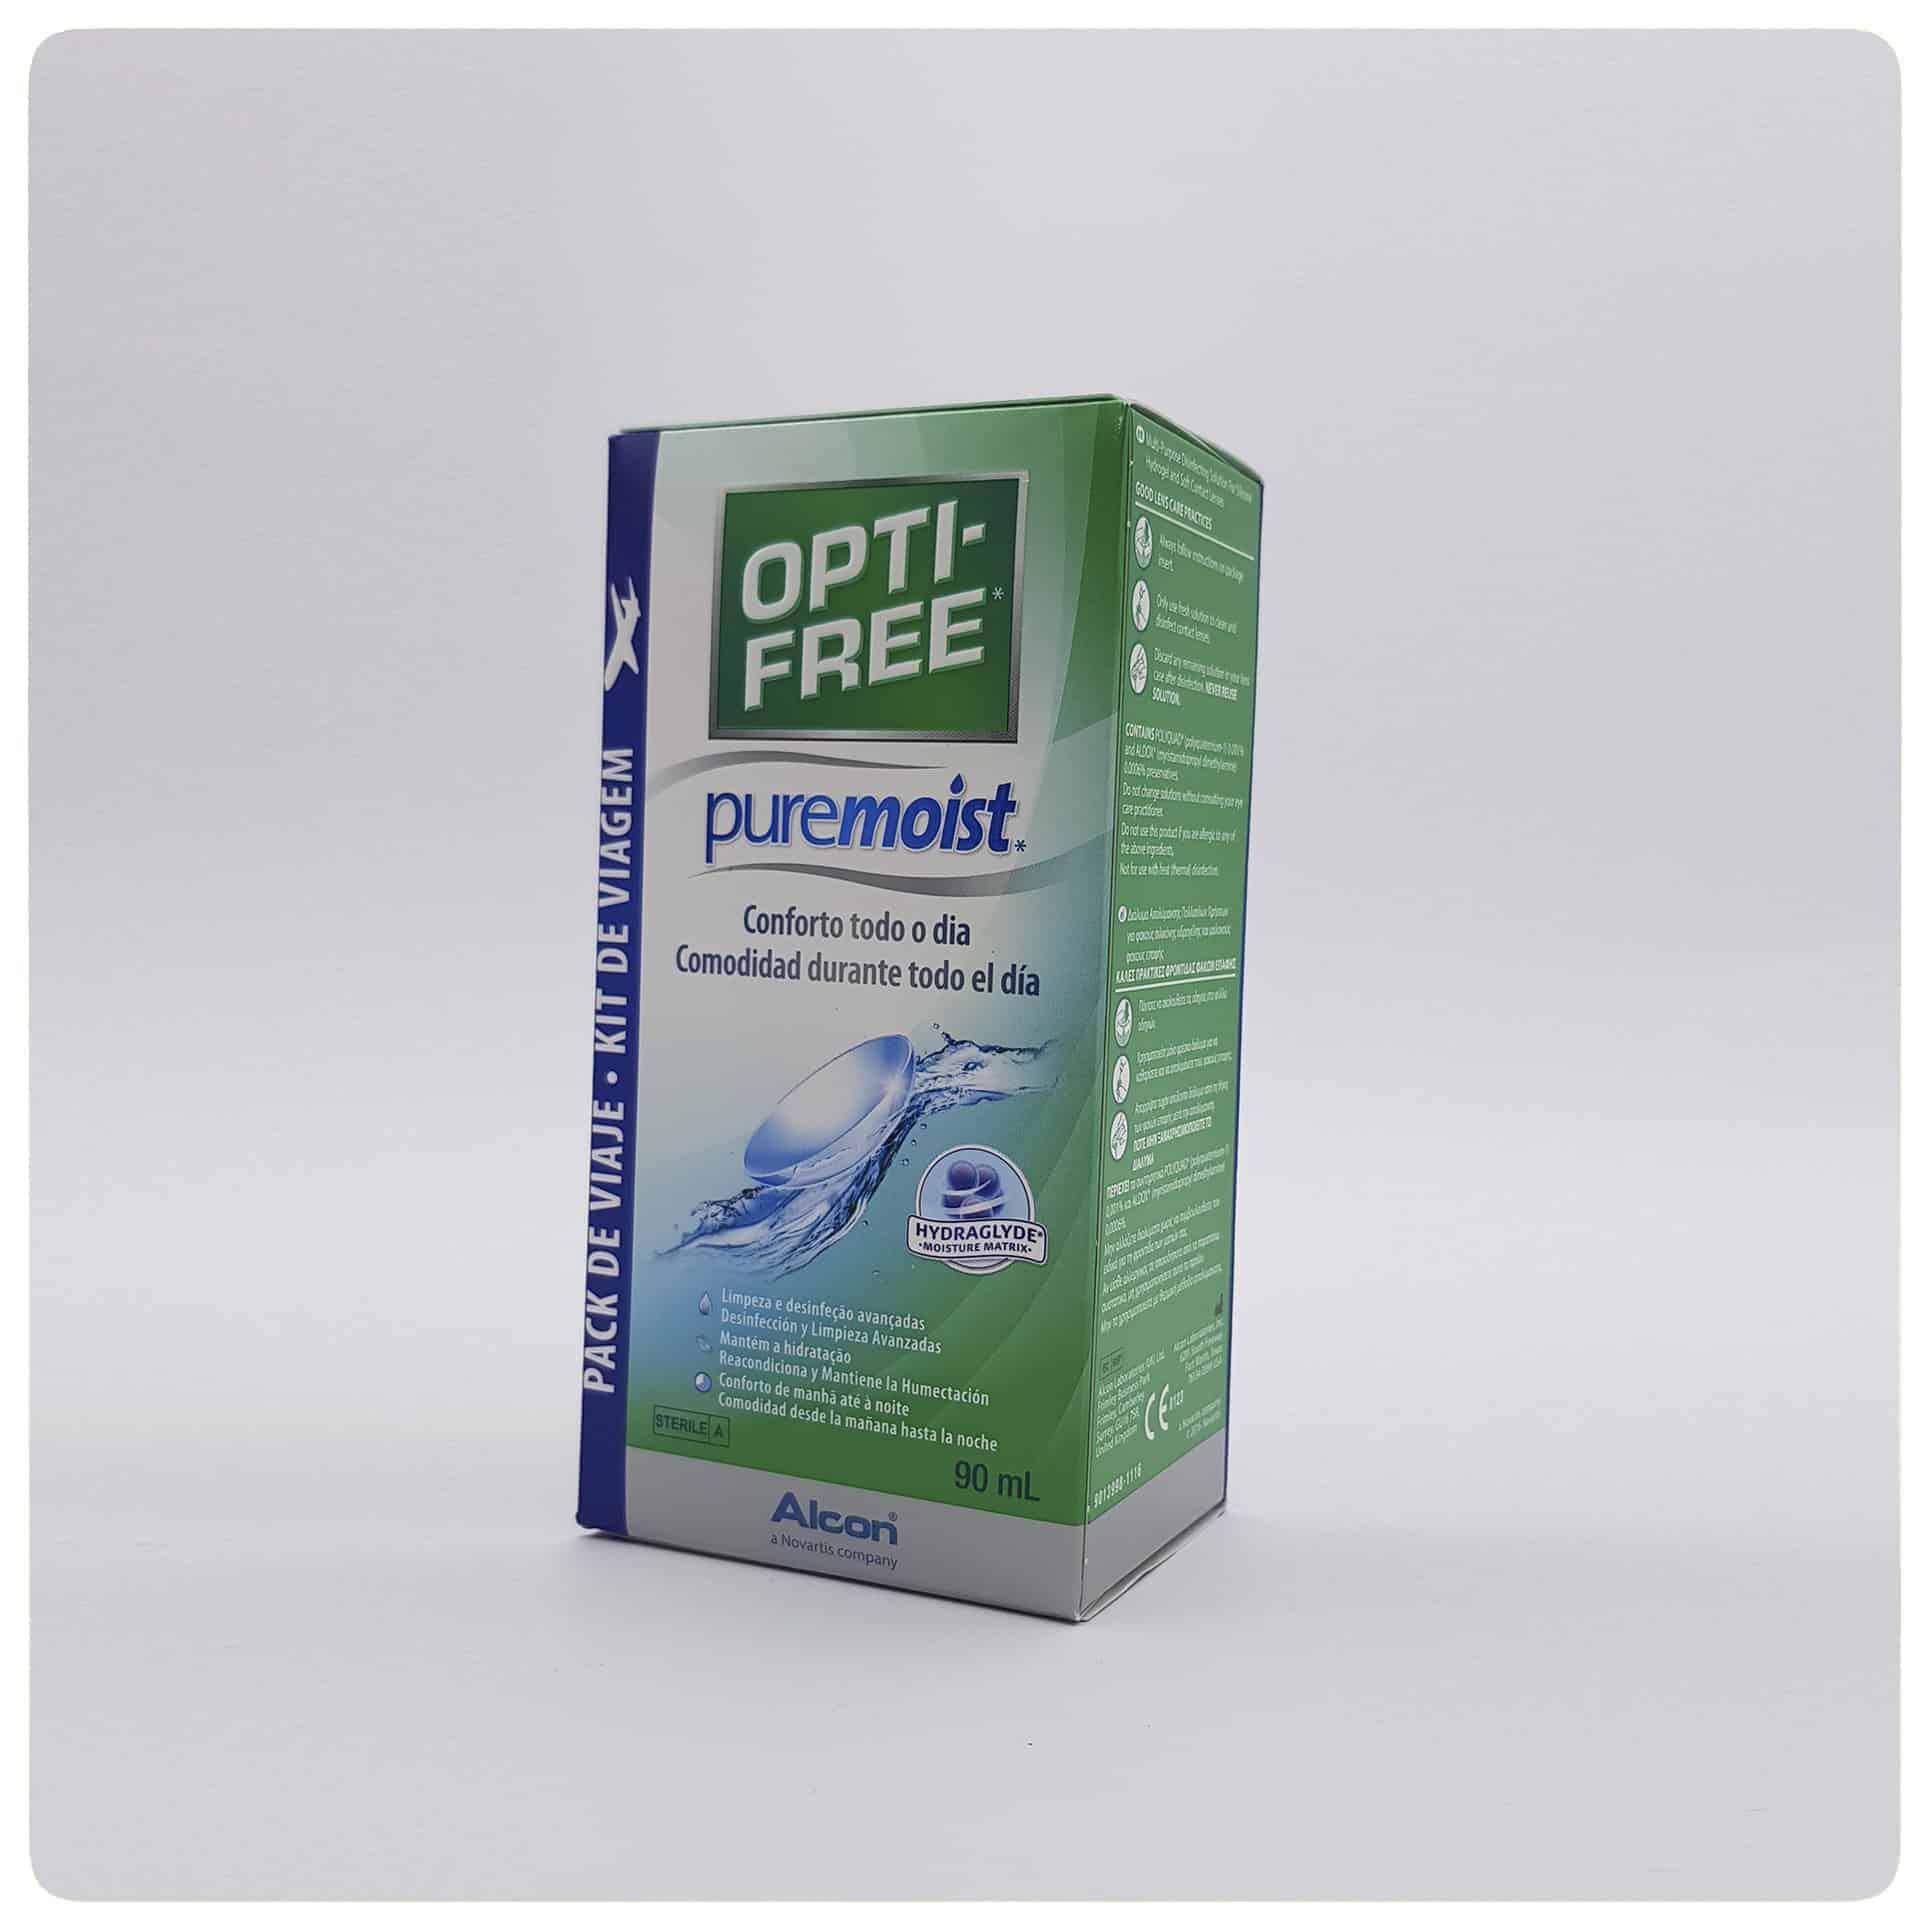 Líquido de mantenimiento de lentillas Opti-free PureMoist (90ml)